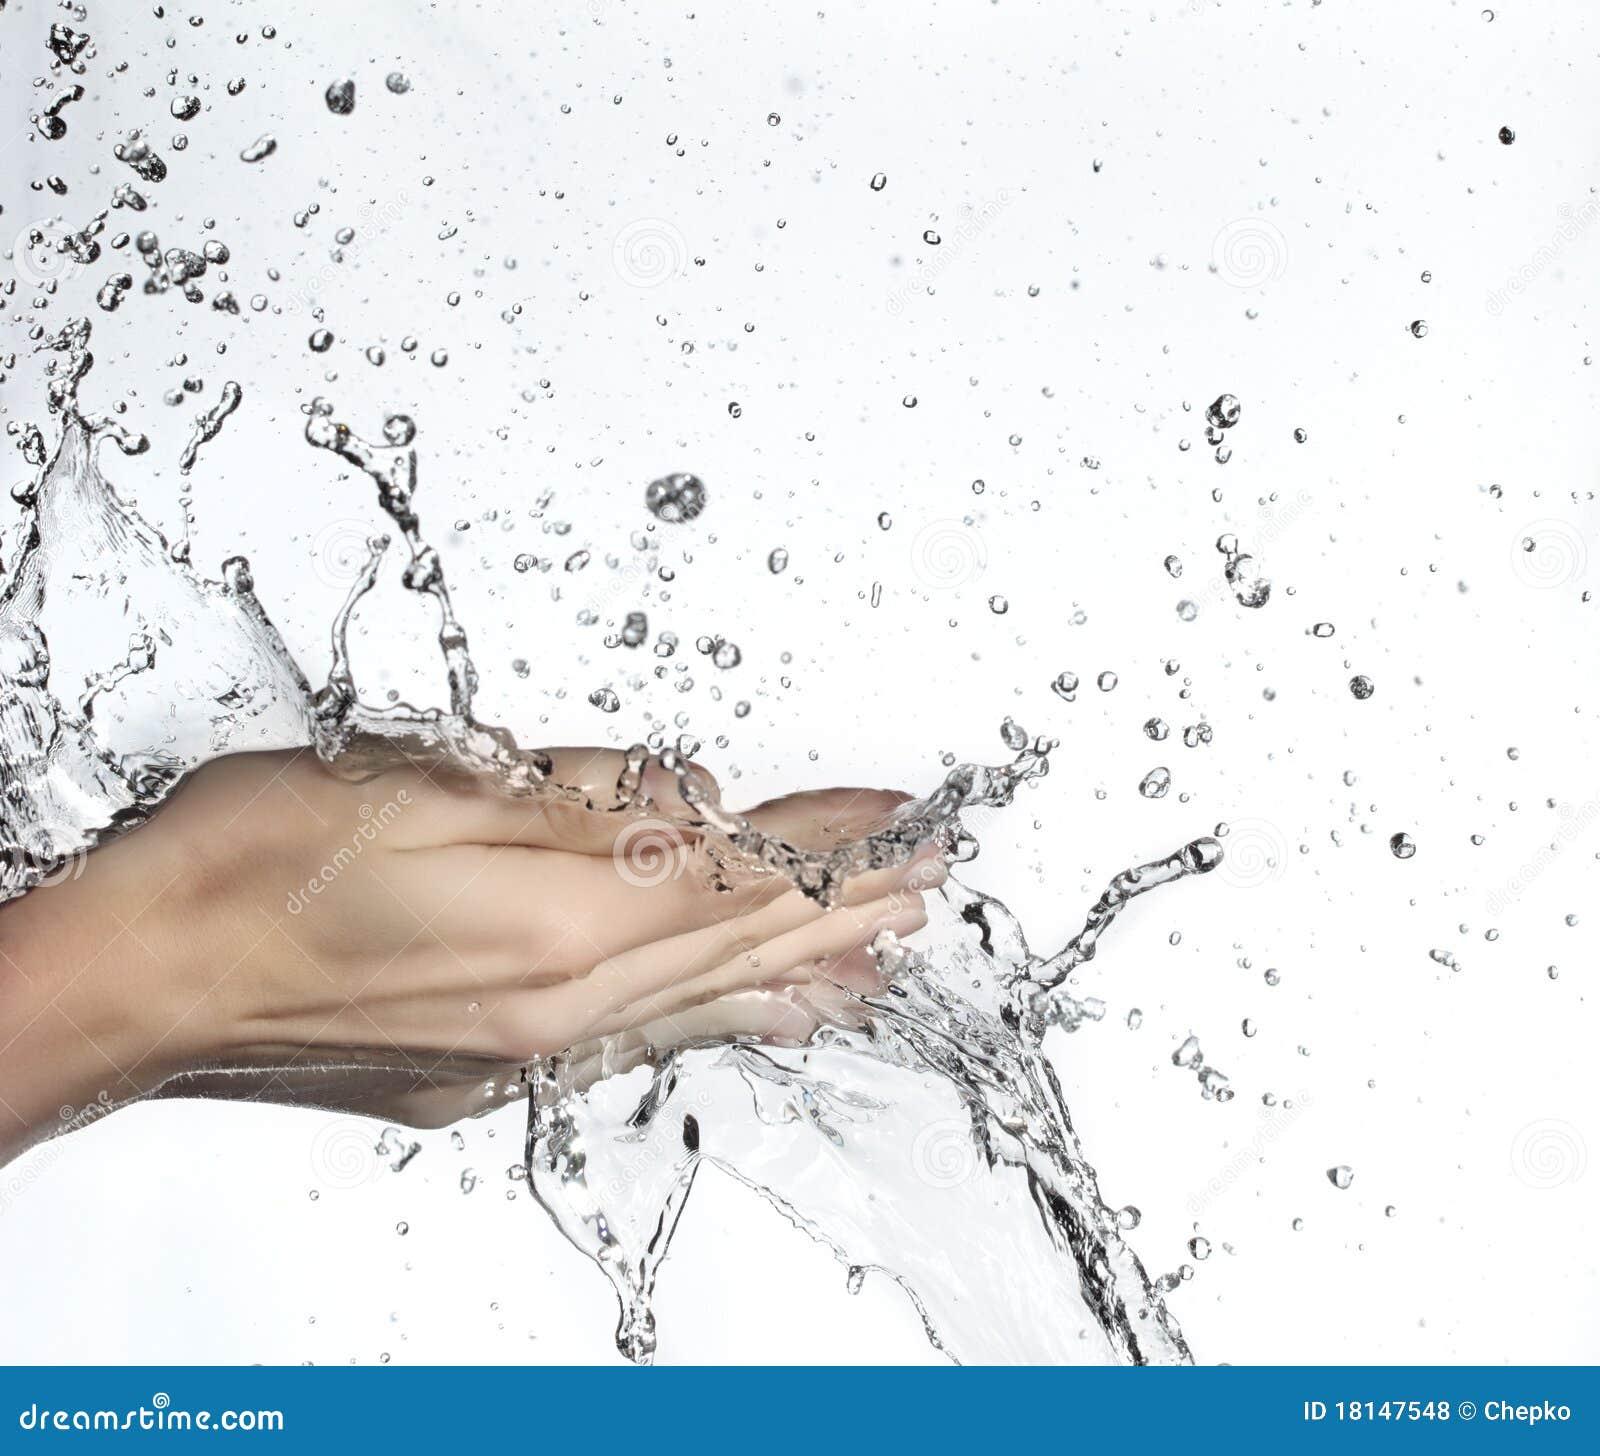 Hand im Wasserspritzen